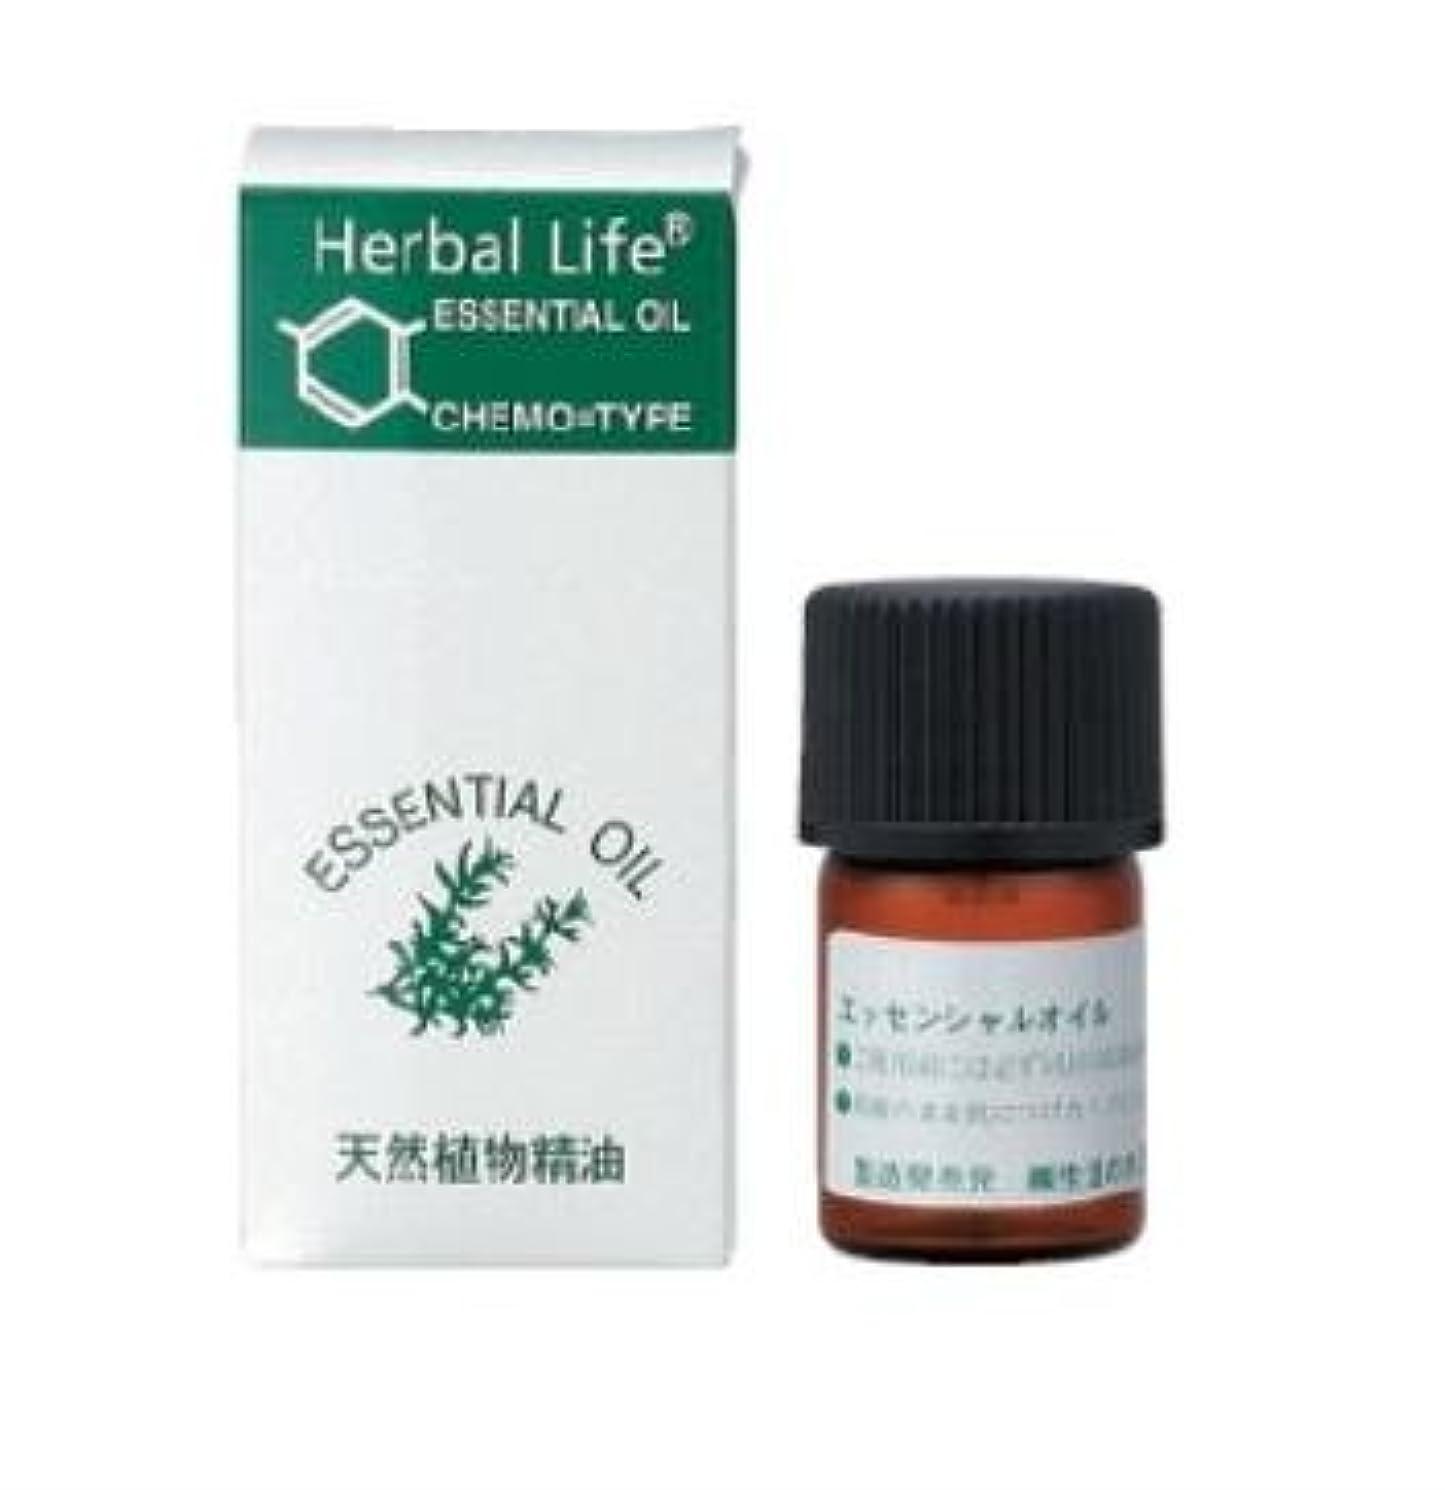 生活の木 エッセンシャルオイル イランイラン 精油 3ml アロマオイル アロマ